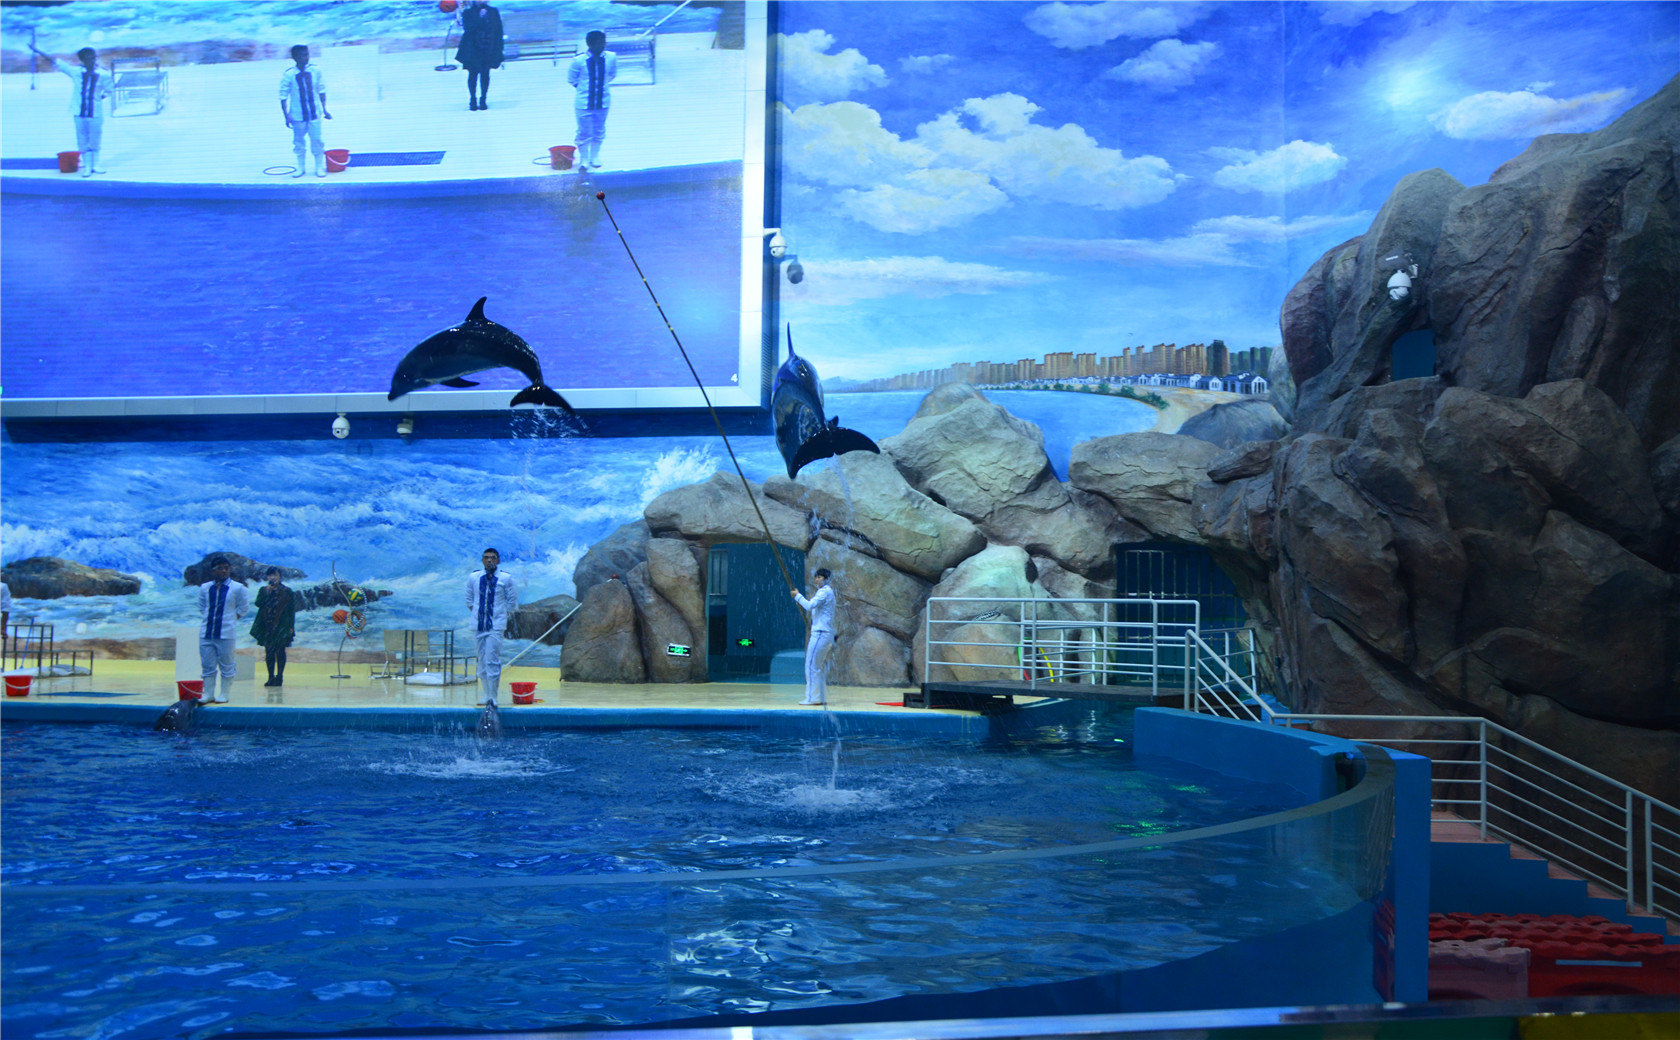 壁纸 海底 海底世界 海洋馆 水族馆 桌面 1680_1040